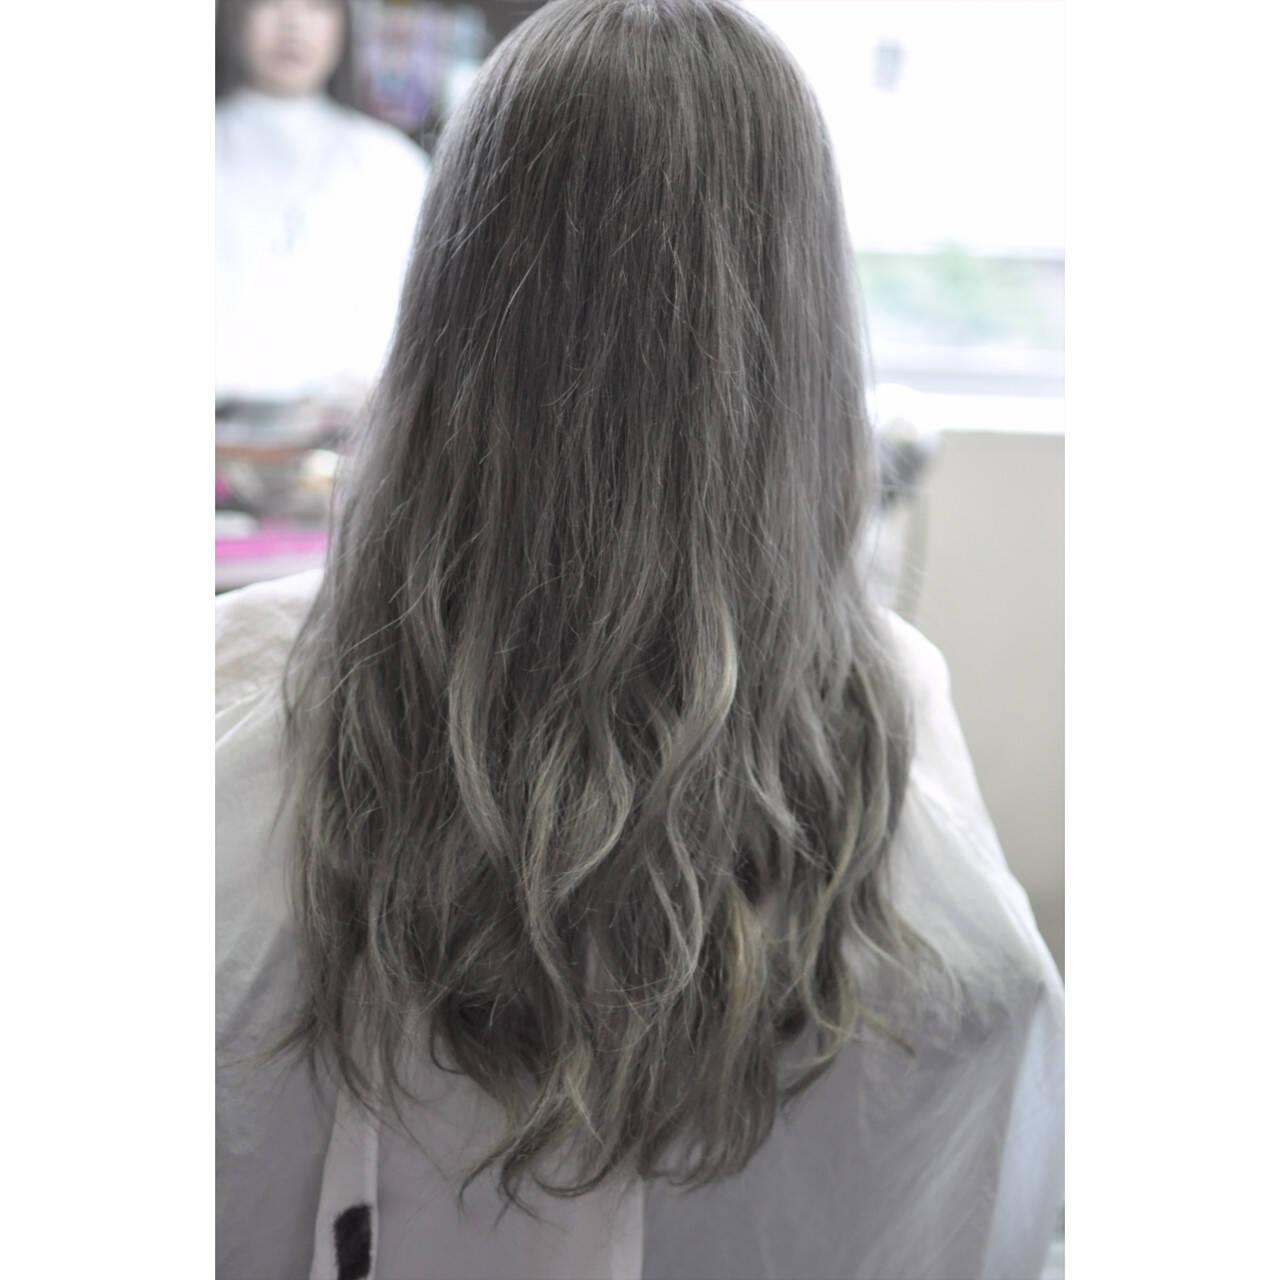 上品 外国人風カラー エレガント バレイヤージュヘアスタイルや髪型の写真・画像